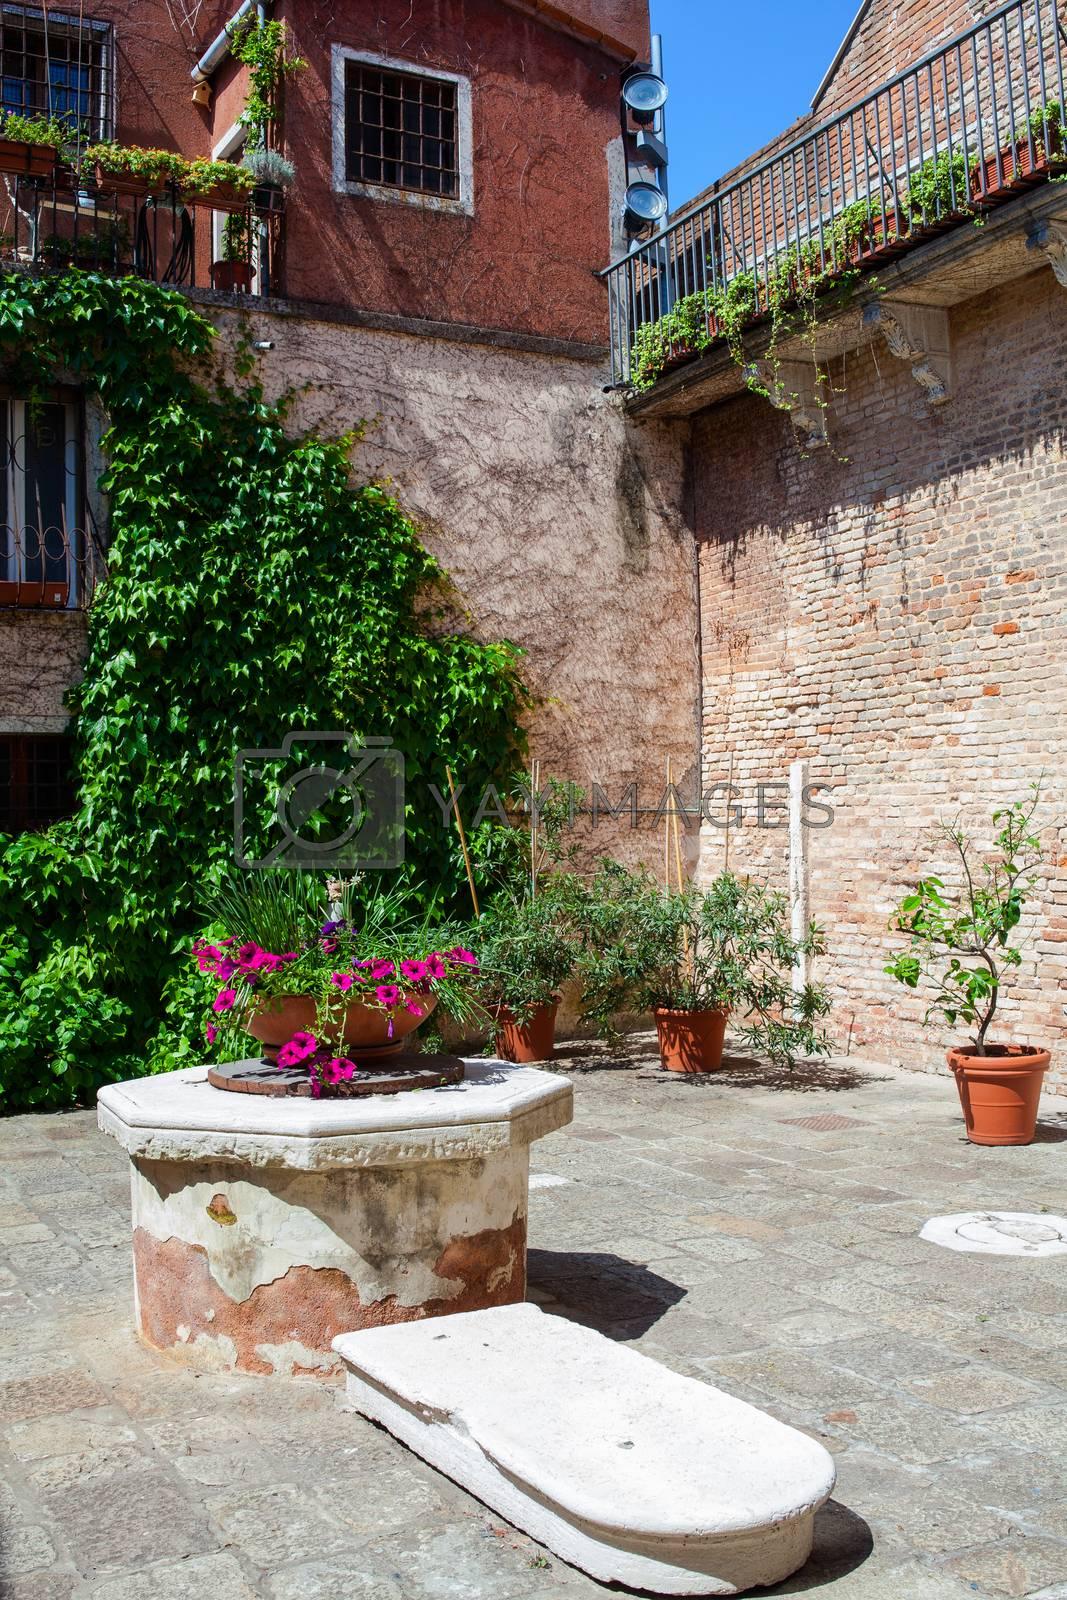 Venetian well by bepsimage